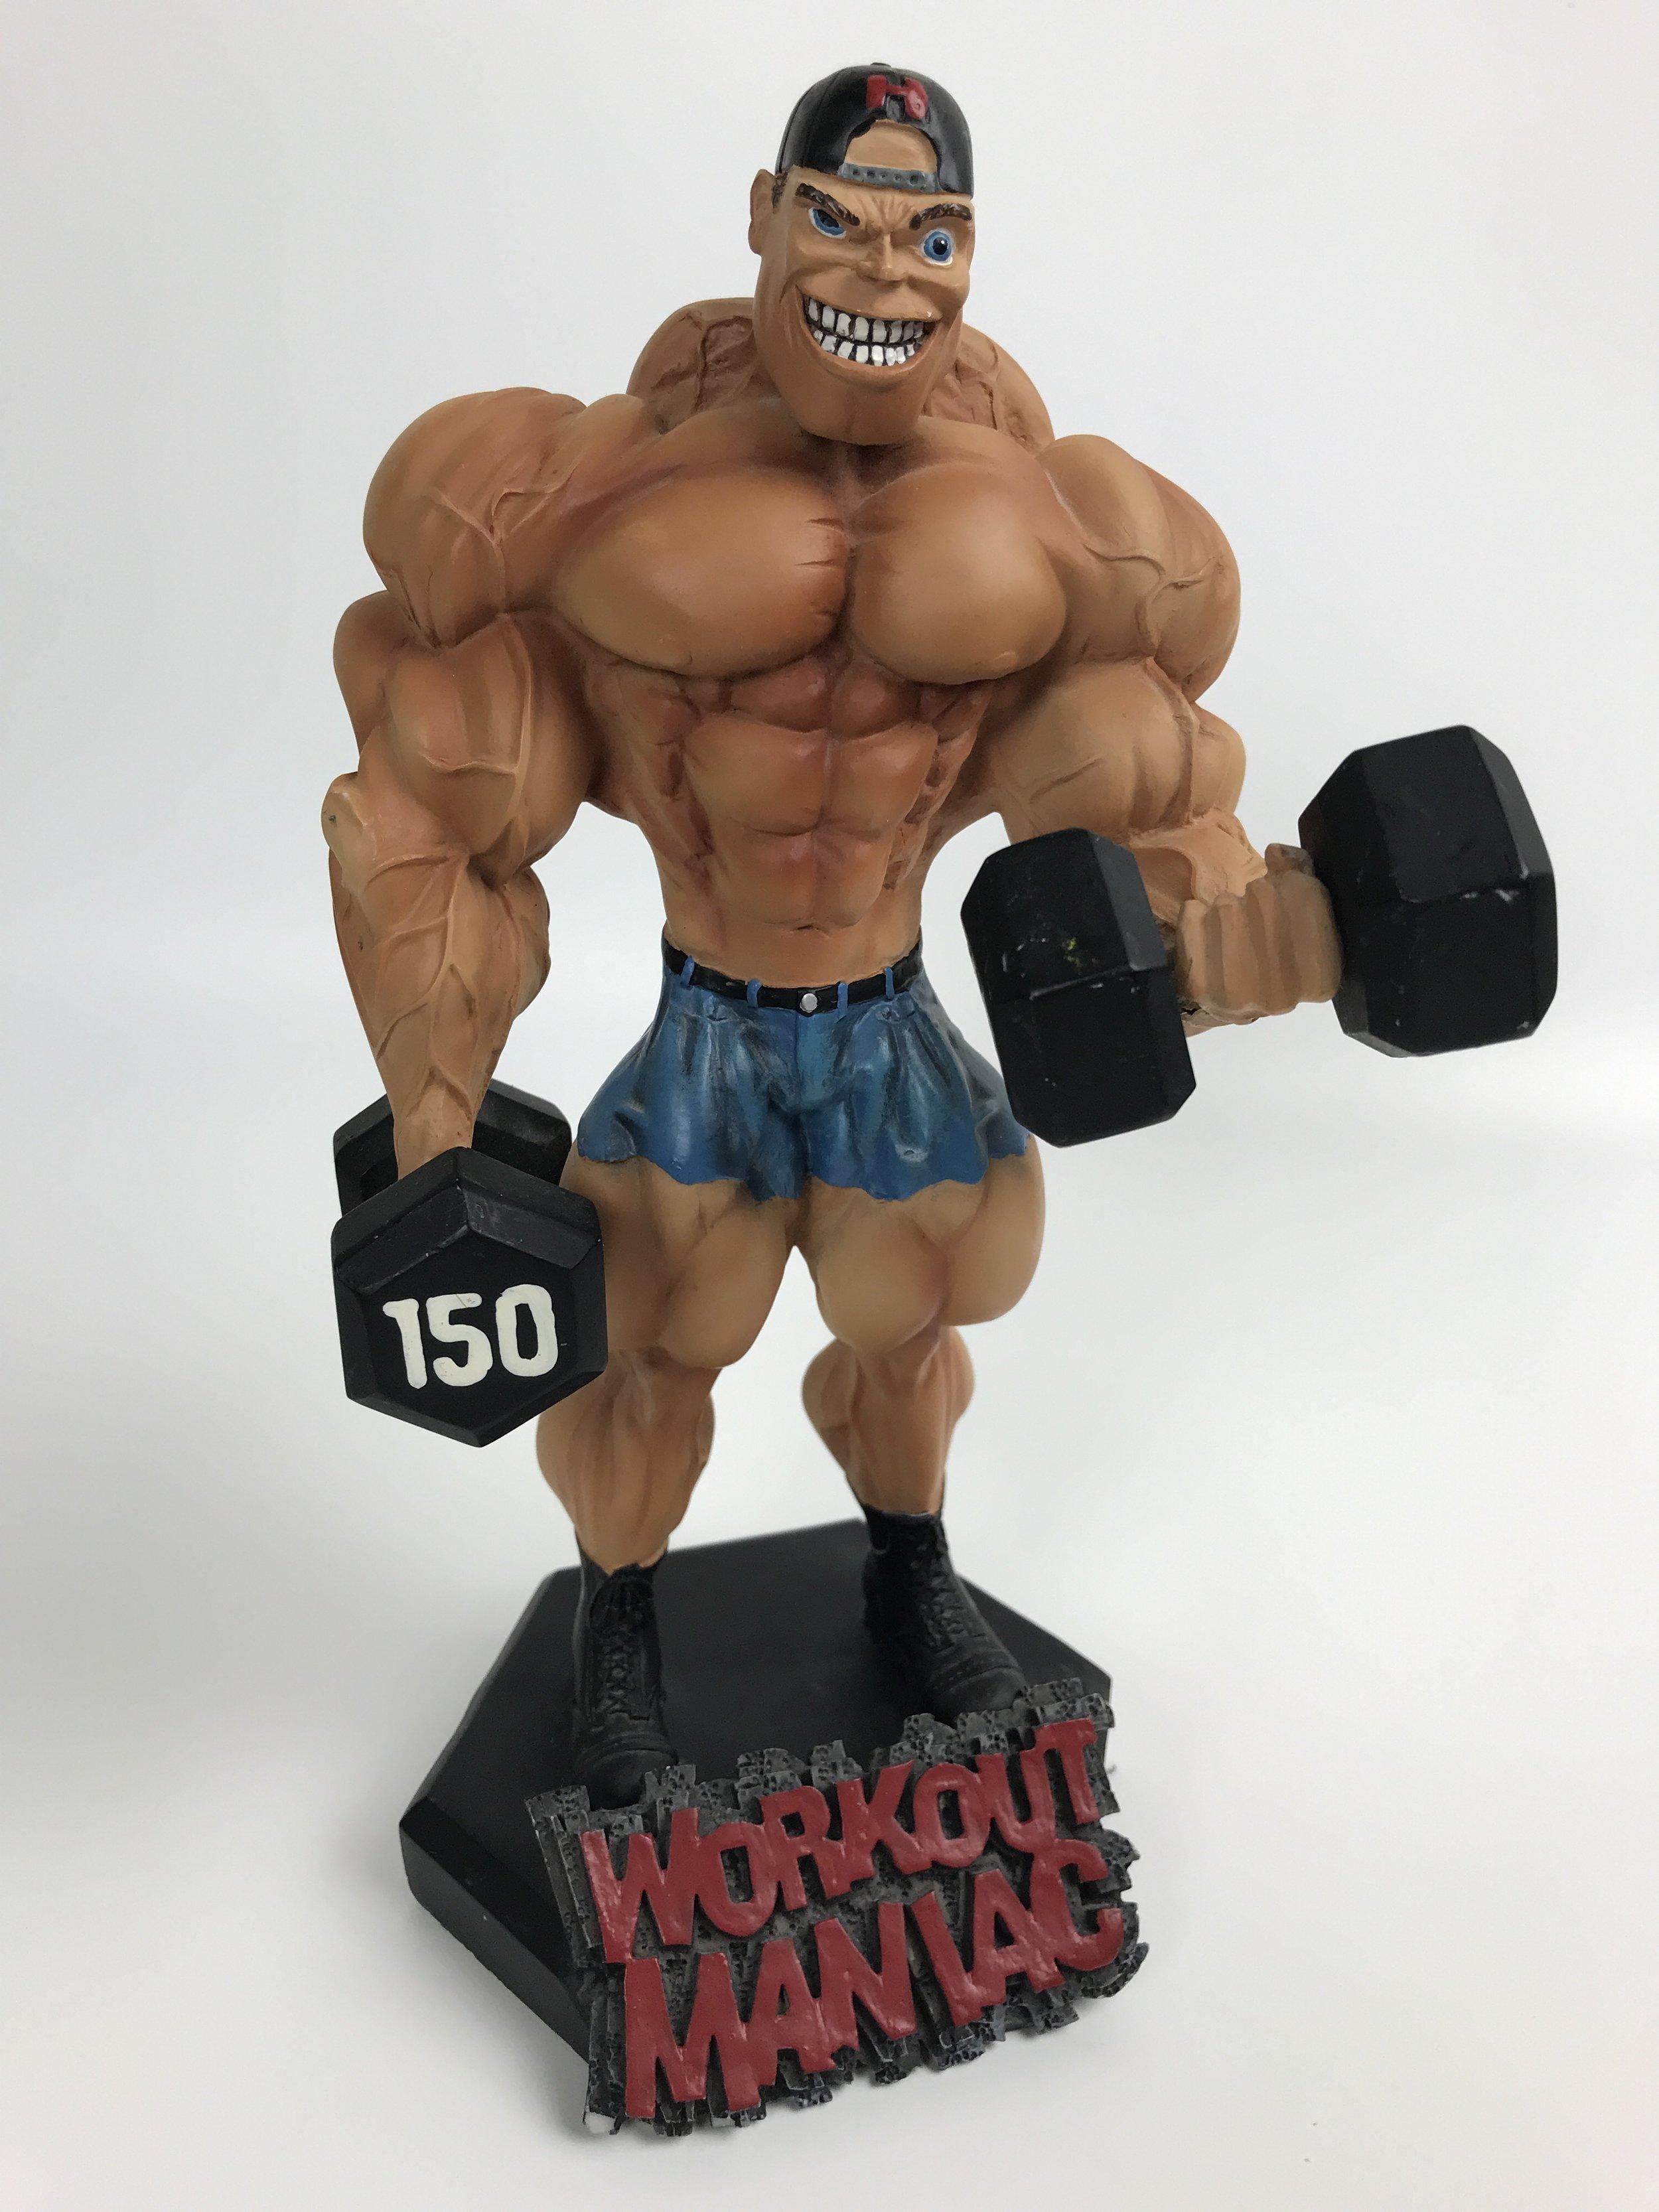 Workout Maniac statue